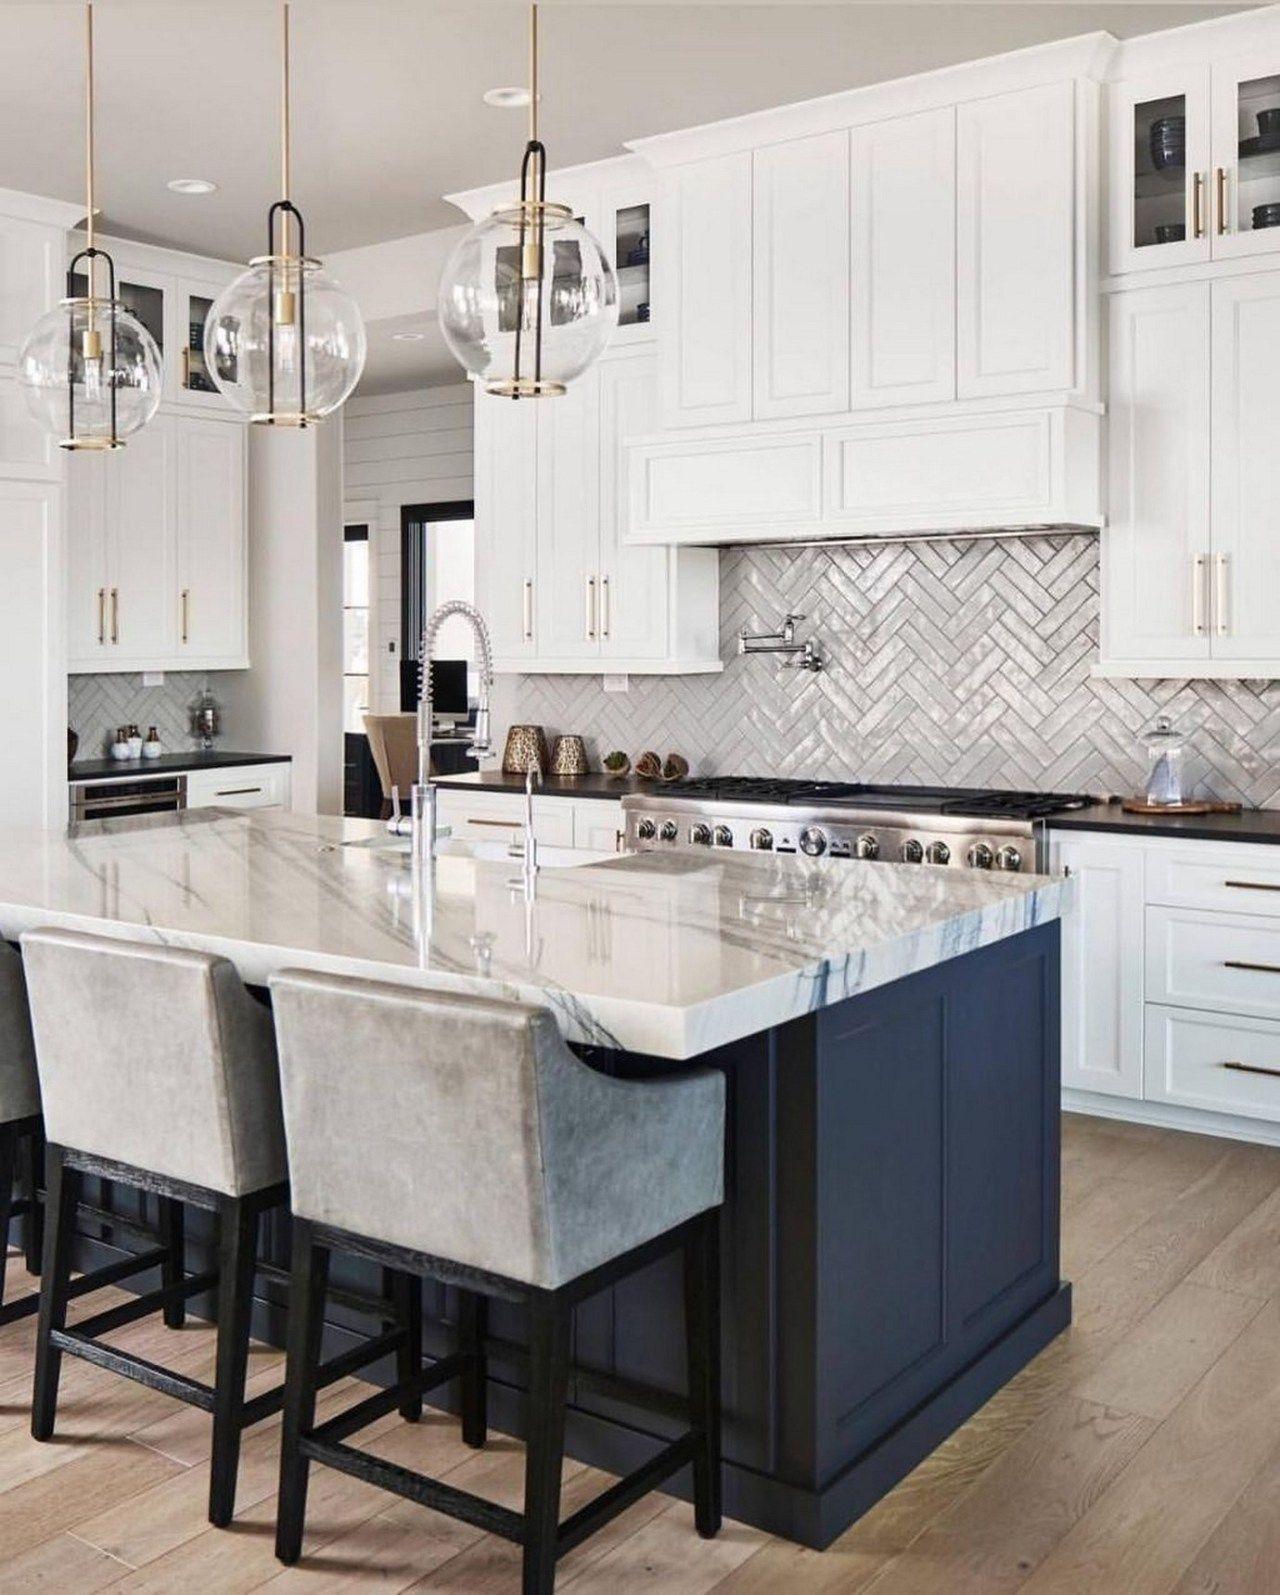 10 Creative Hidden Kitchen Storage Solutions 5 Home Decor